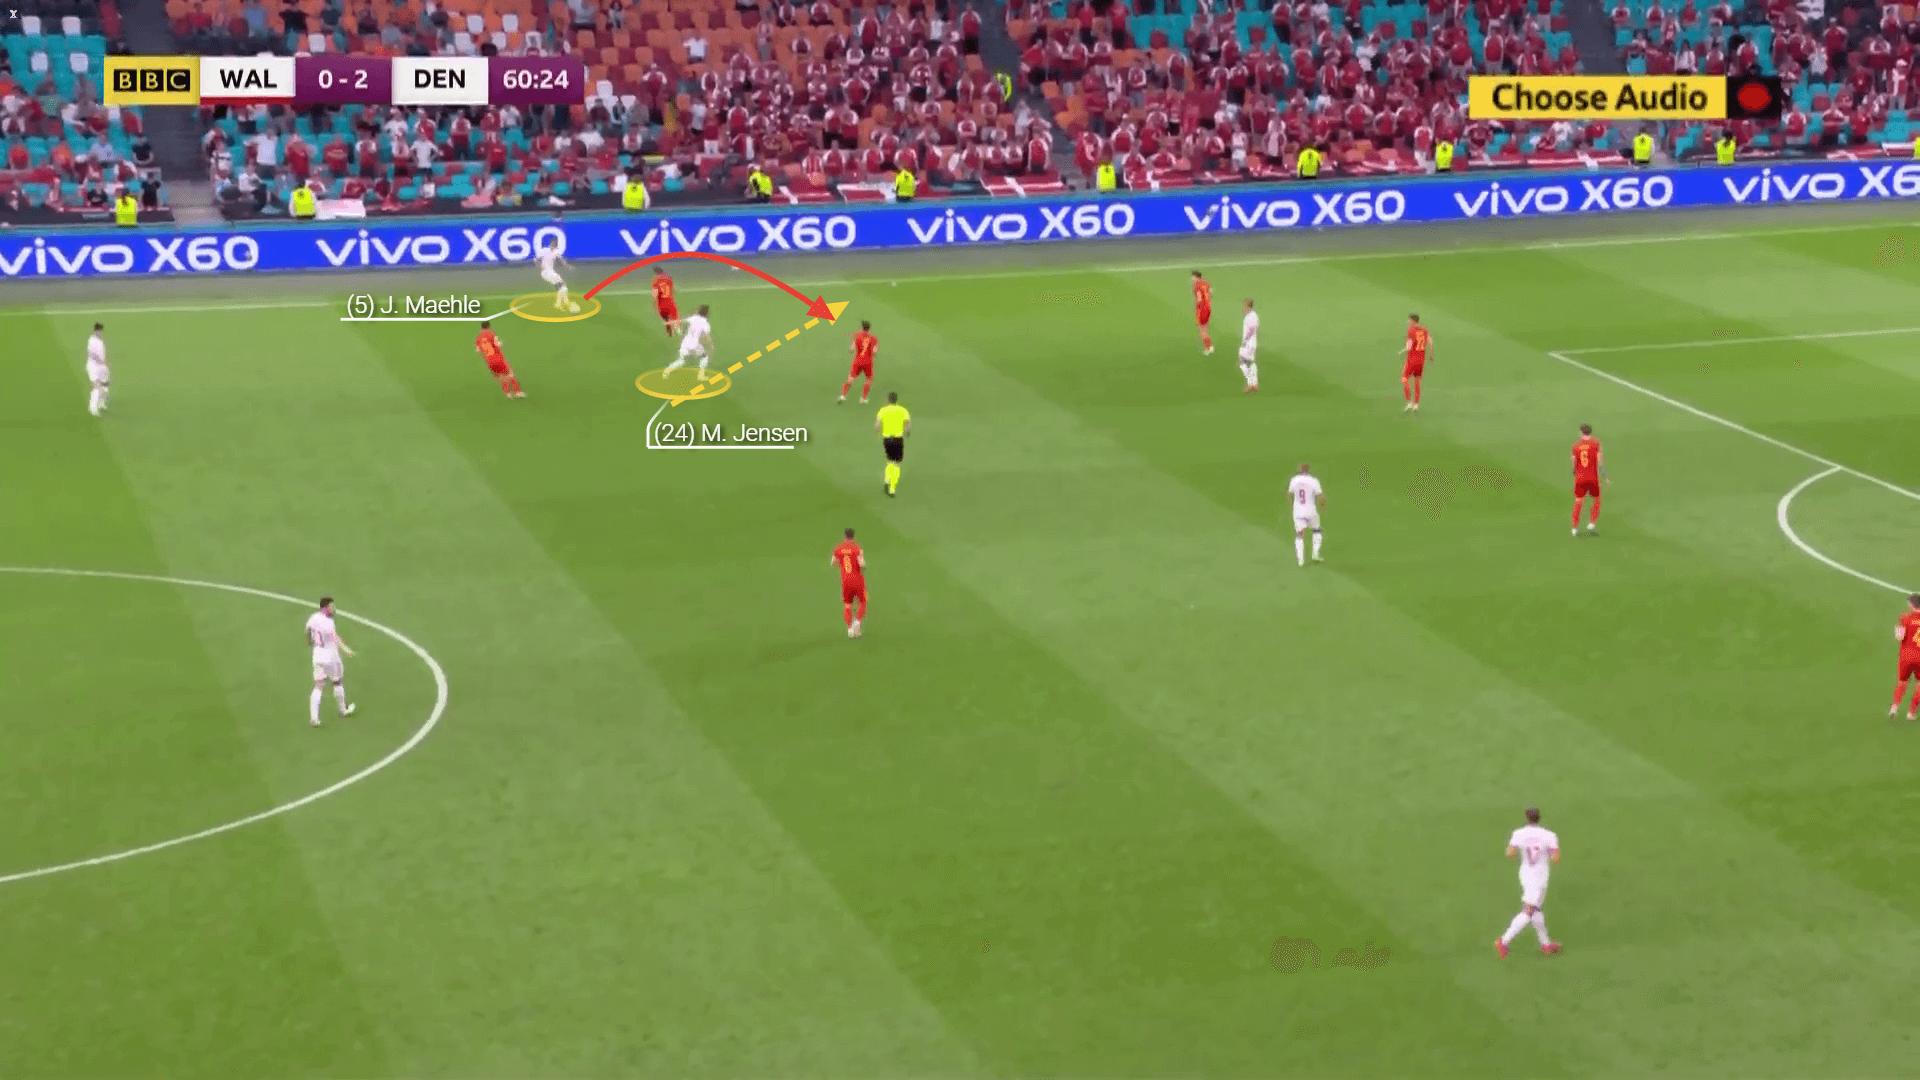 Euro 2020 Preview: England vs Denmark - tactical analysis tactics